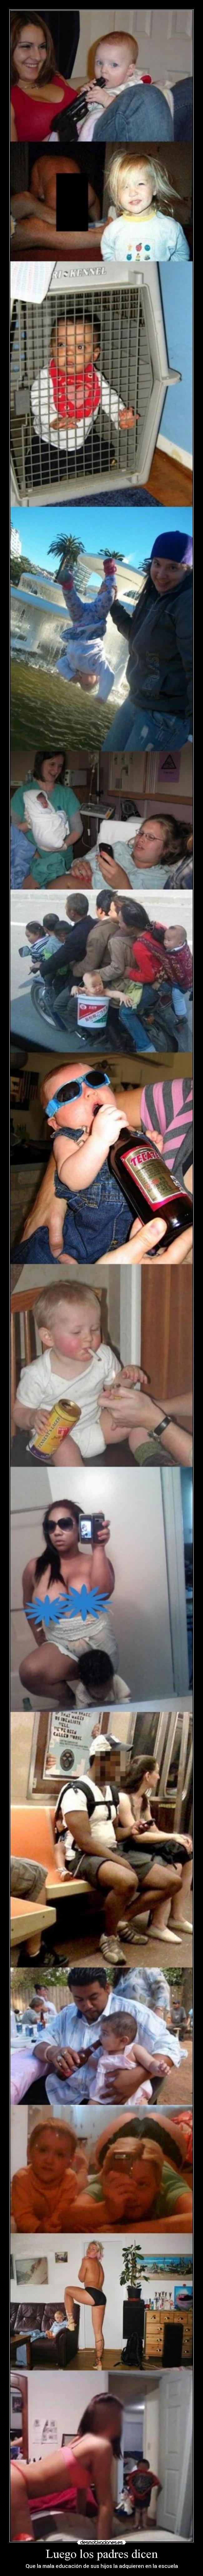 Luego-los-padres-dicen